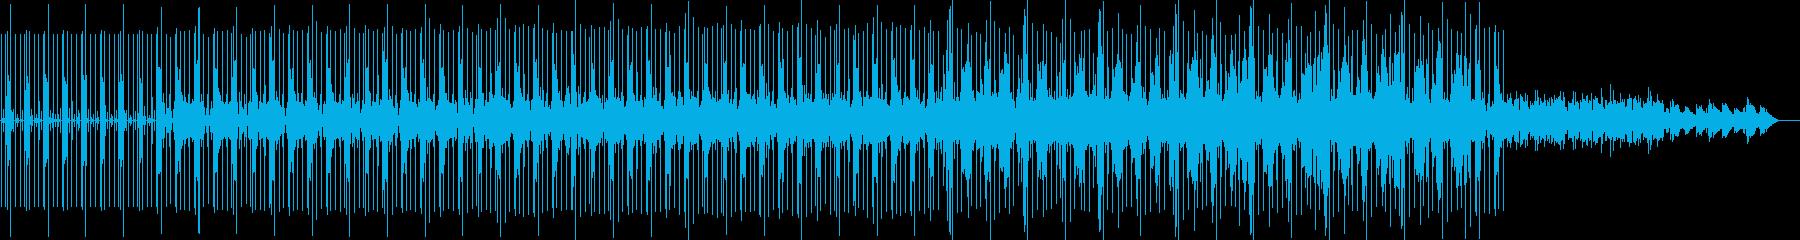 静かな緊迫感のあるミニマルテクノの再生済みの波形